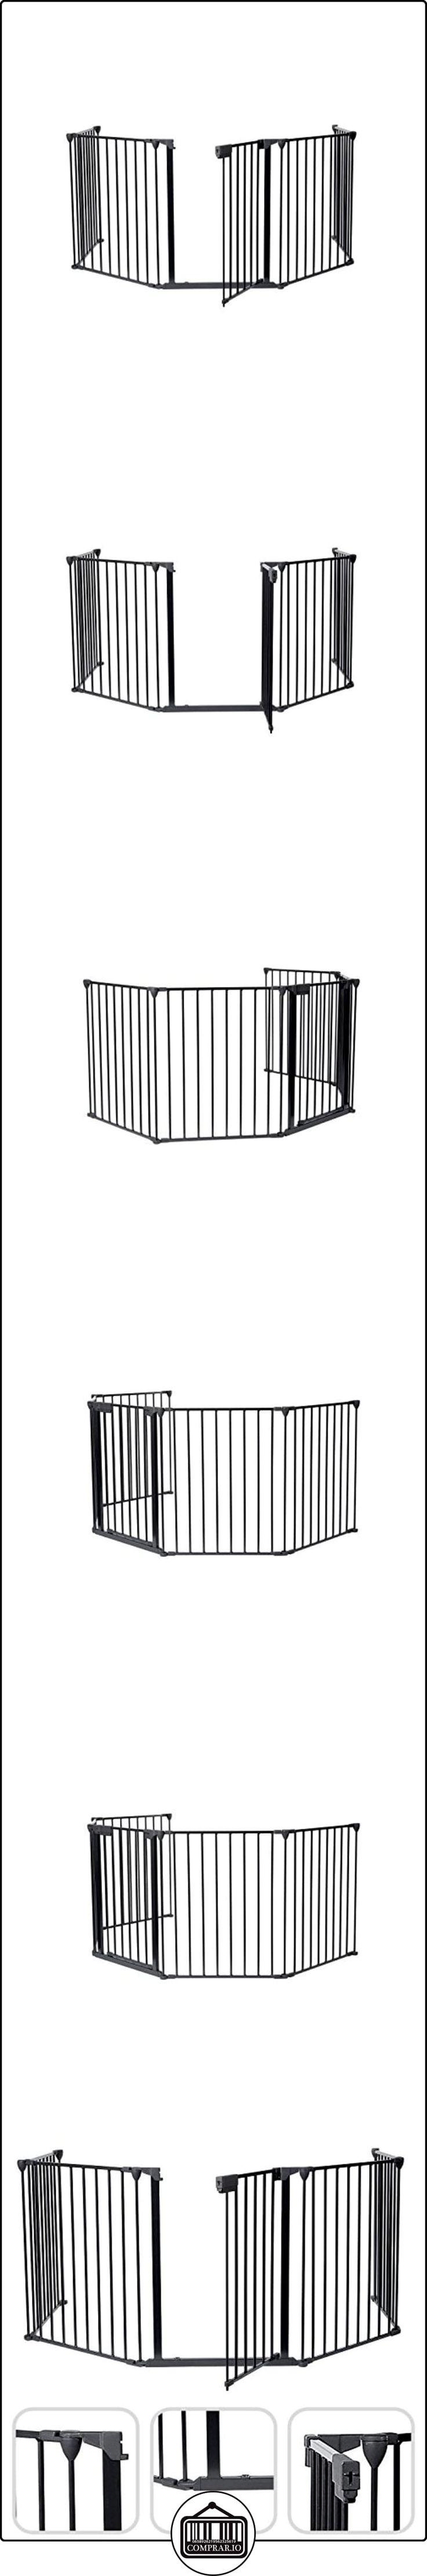 Babyfield,Barrera de seguridad cortafuegos para niños, 80 x 68 x 14 cm  ✿ Seguridad para tu bebé - (Protege a tus hijos) ✿ ▬► Ver oferta: http://comprar.io/goto/B00L4S5ULQ